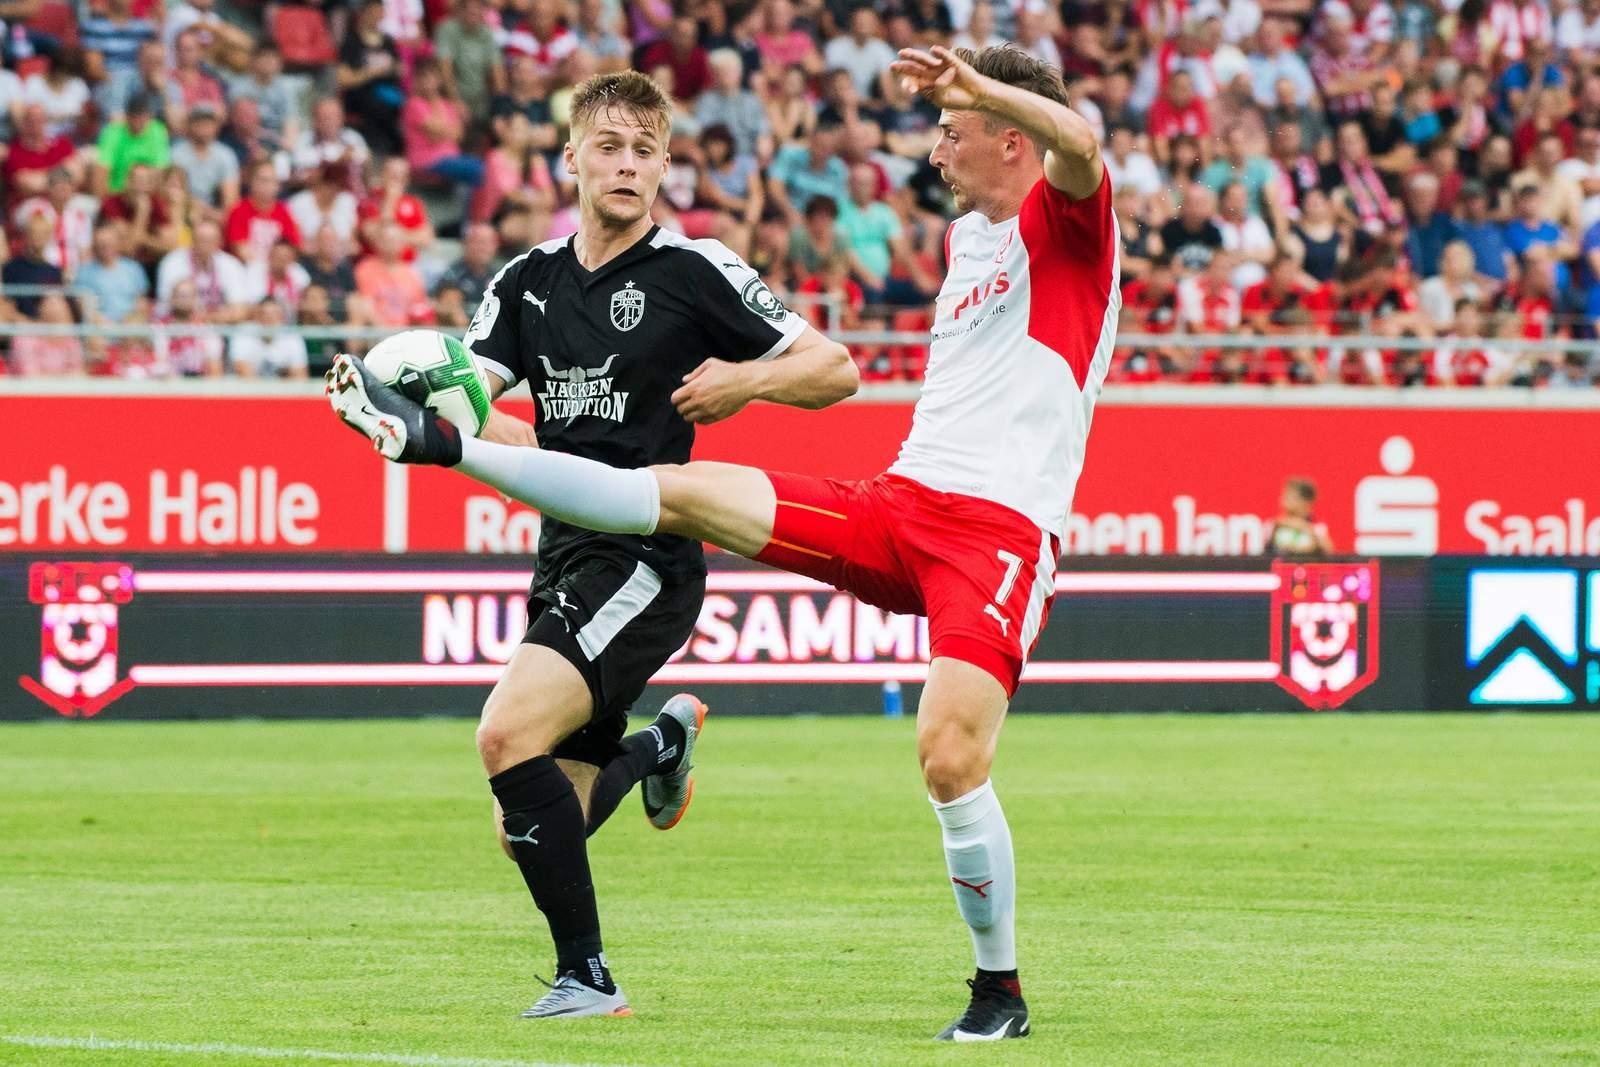 Dominik Bock und Martin Röser im Duell um den Ball